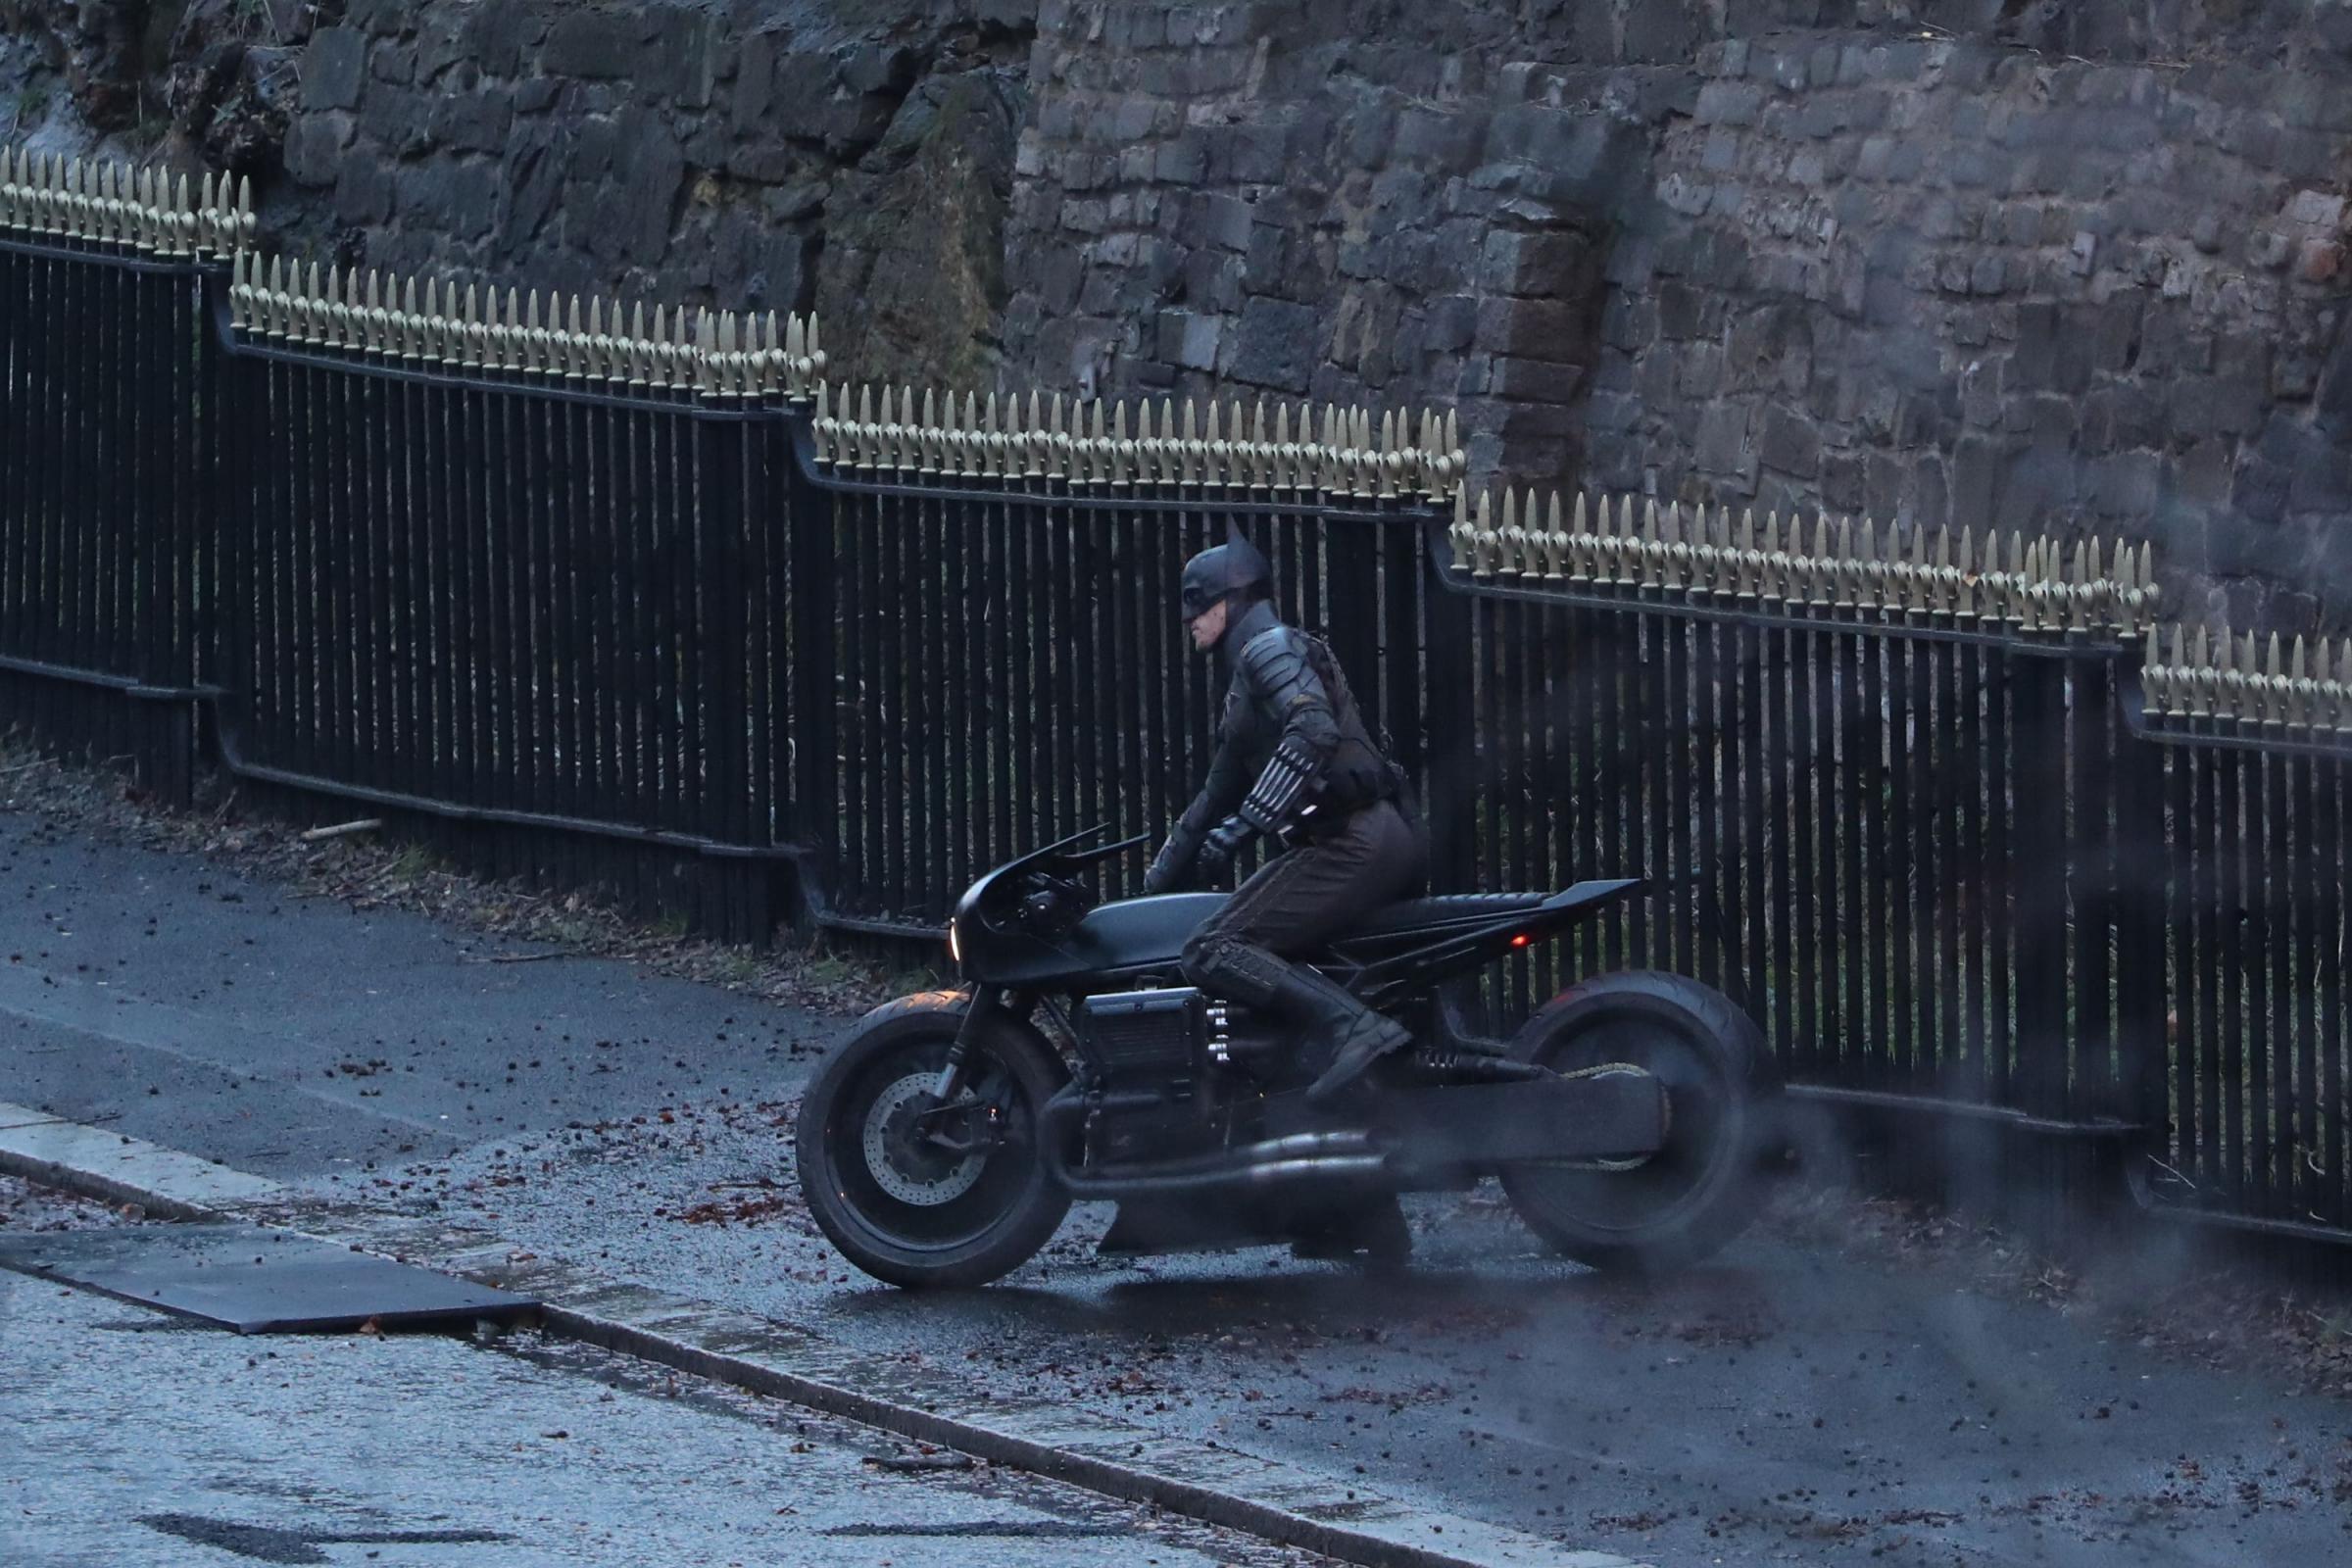 Film Glasgow: Pekerjaan meningkat saat Warner Bros mengungkapkan rencana untuk merekam seluruh film di kota terbesar di Skotlandia